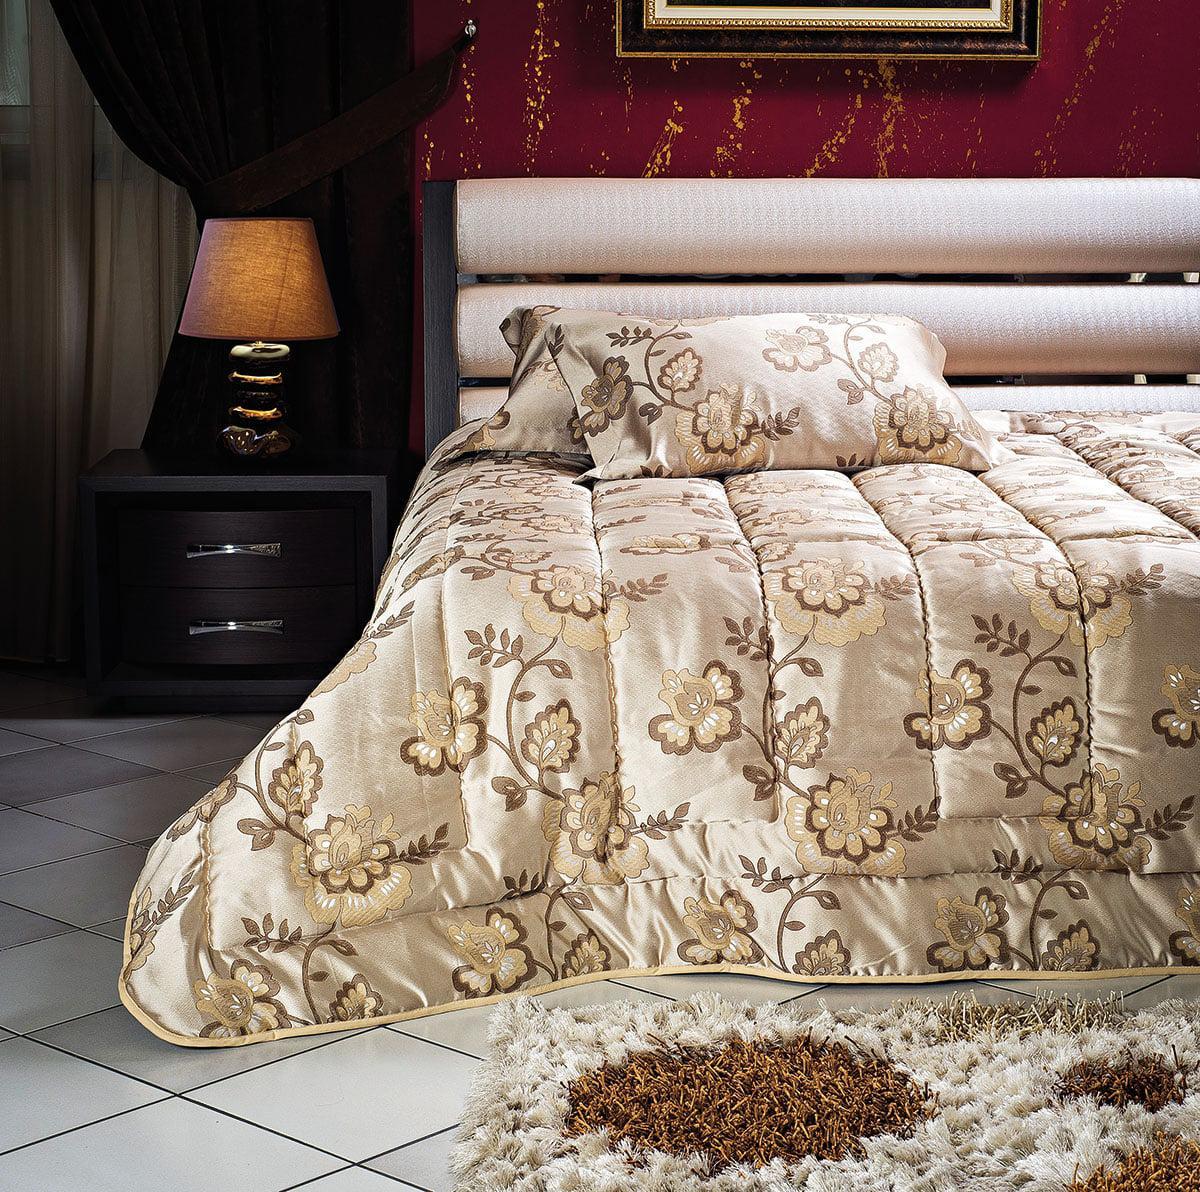 Σετ πάπλωμα υπέρδιπλο Art 1447 220×240 Εμπριμέ,Χρυσαφί Beauty Home